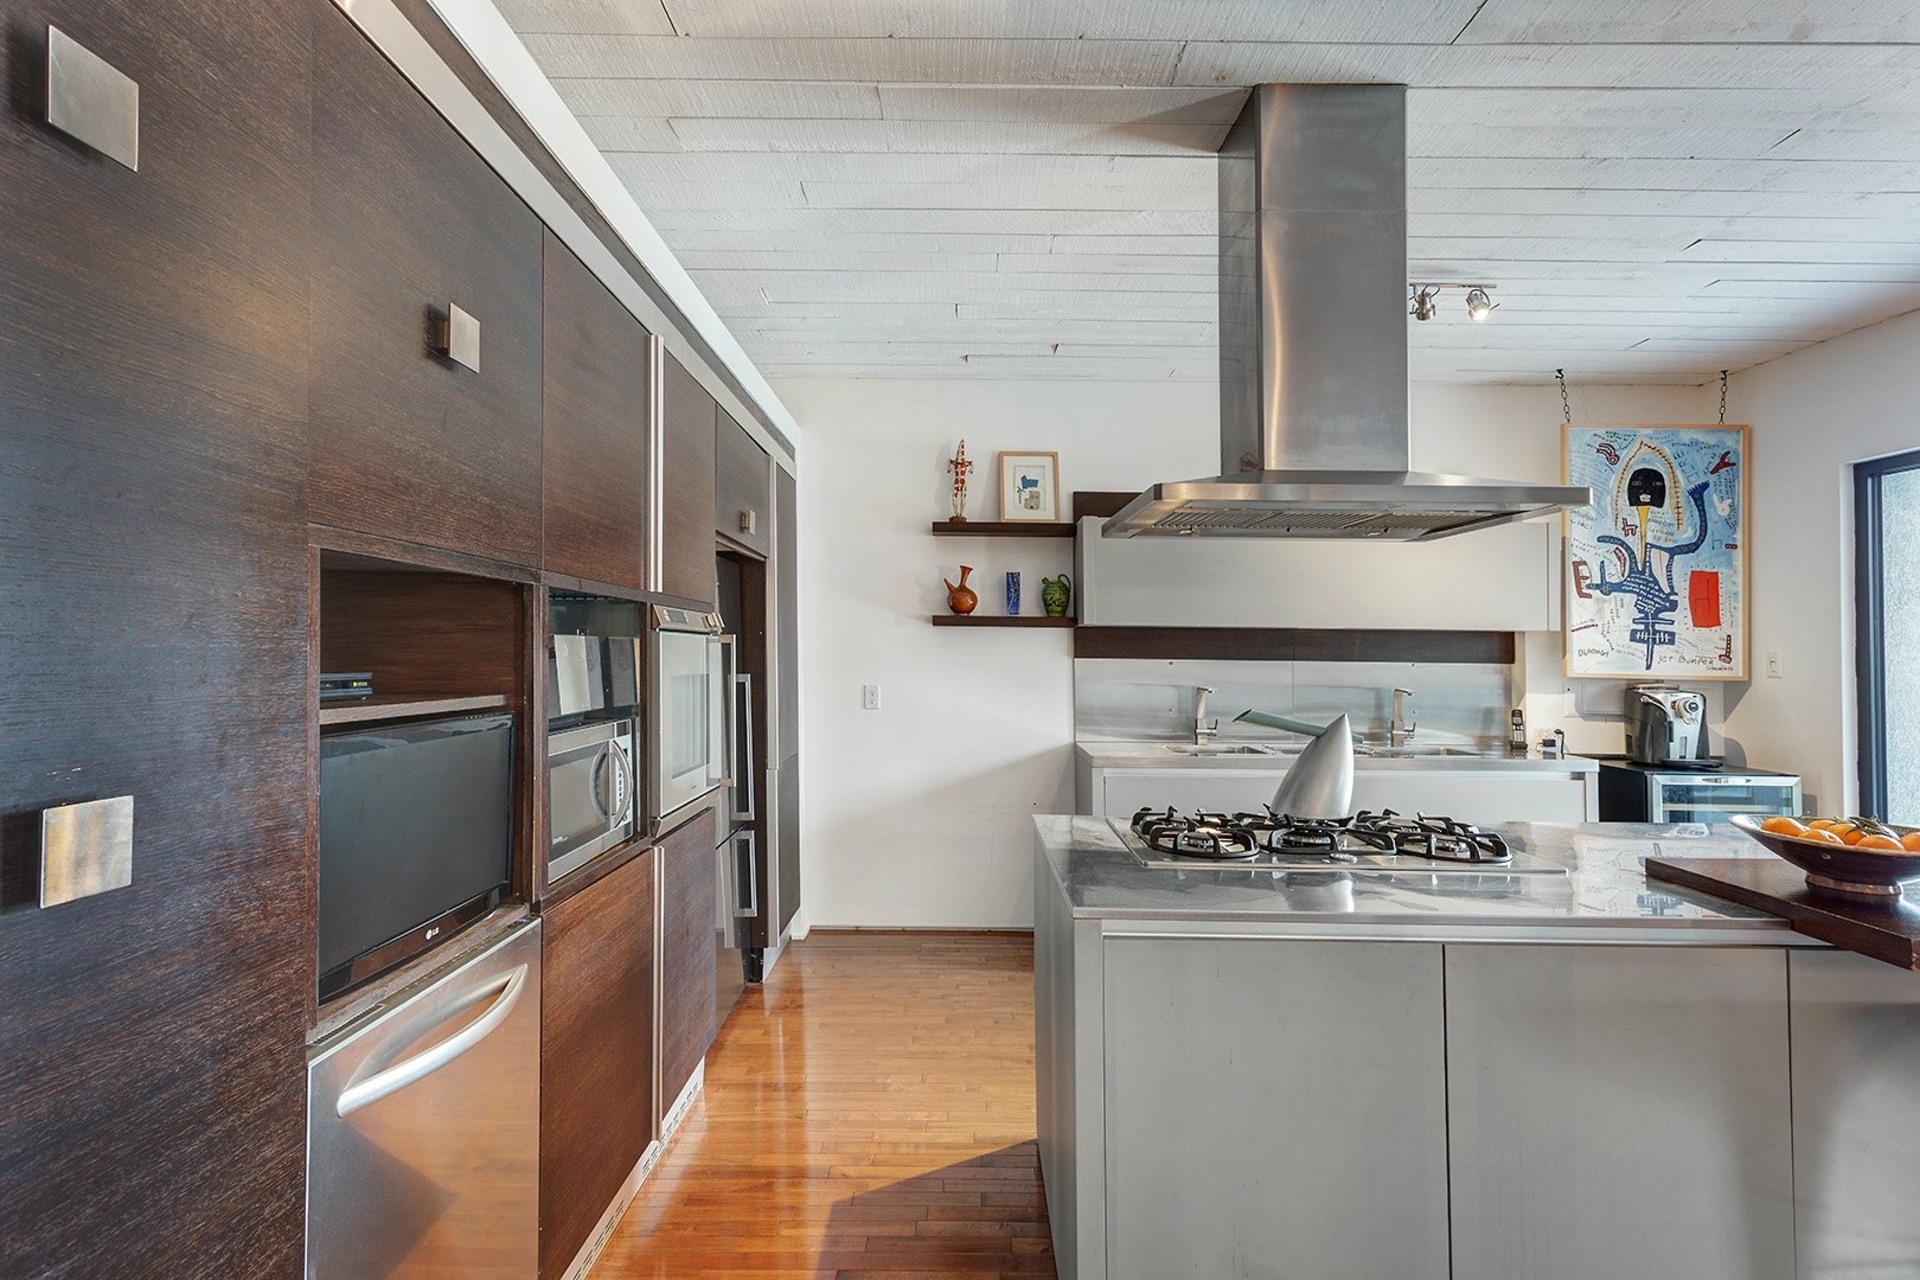 image 29 - Appartement À vendre Rosemont/La Petite-Patrie Montréal  - 13 pièces